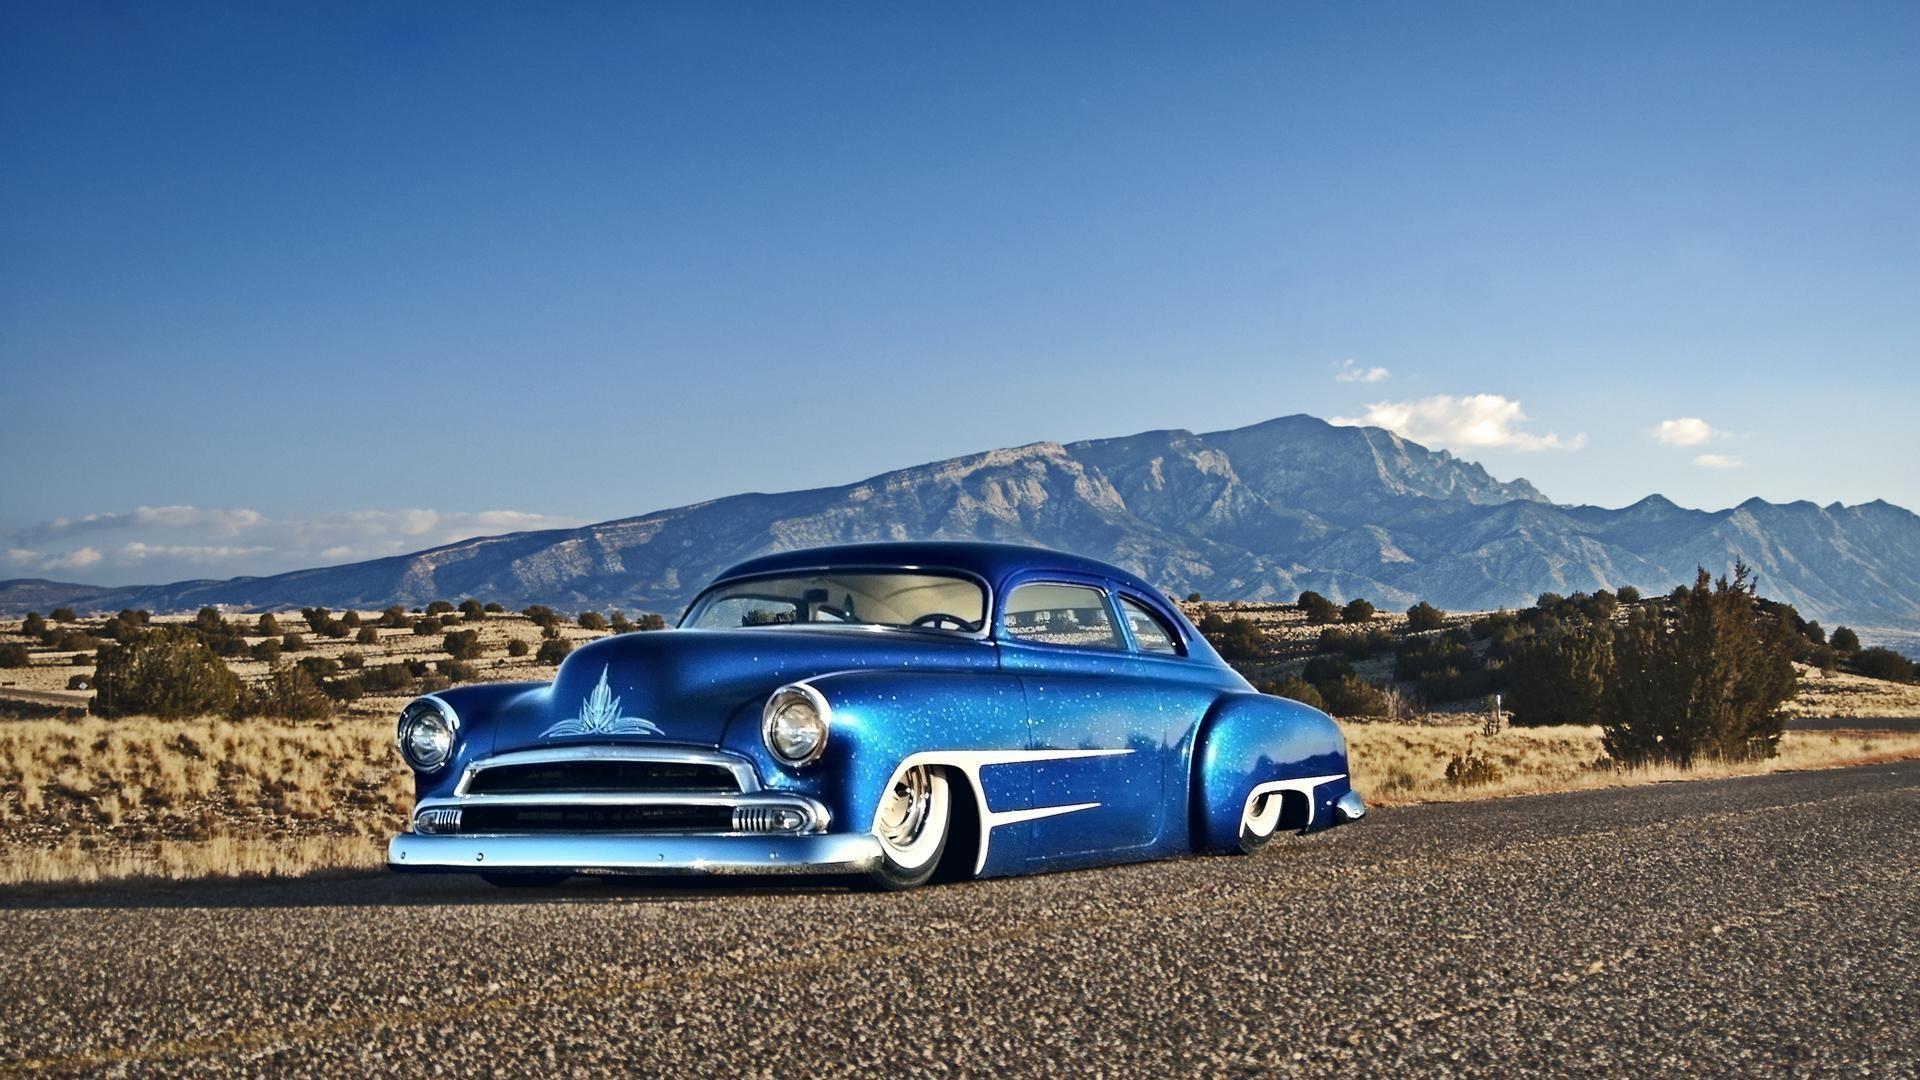 Res: 1920x1080, chevy chevrolet classic car hot rod Stangen lowrider retro Brauch kostenlos